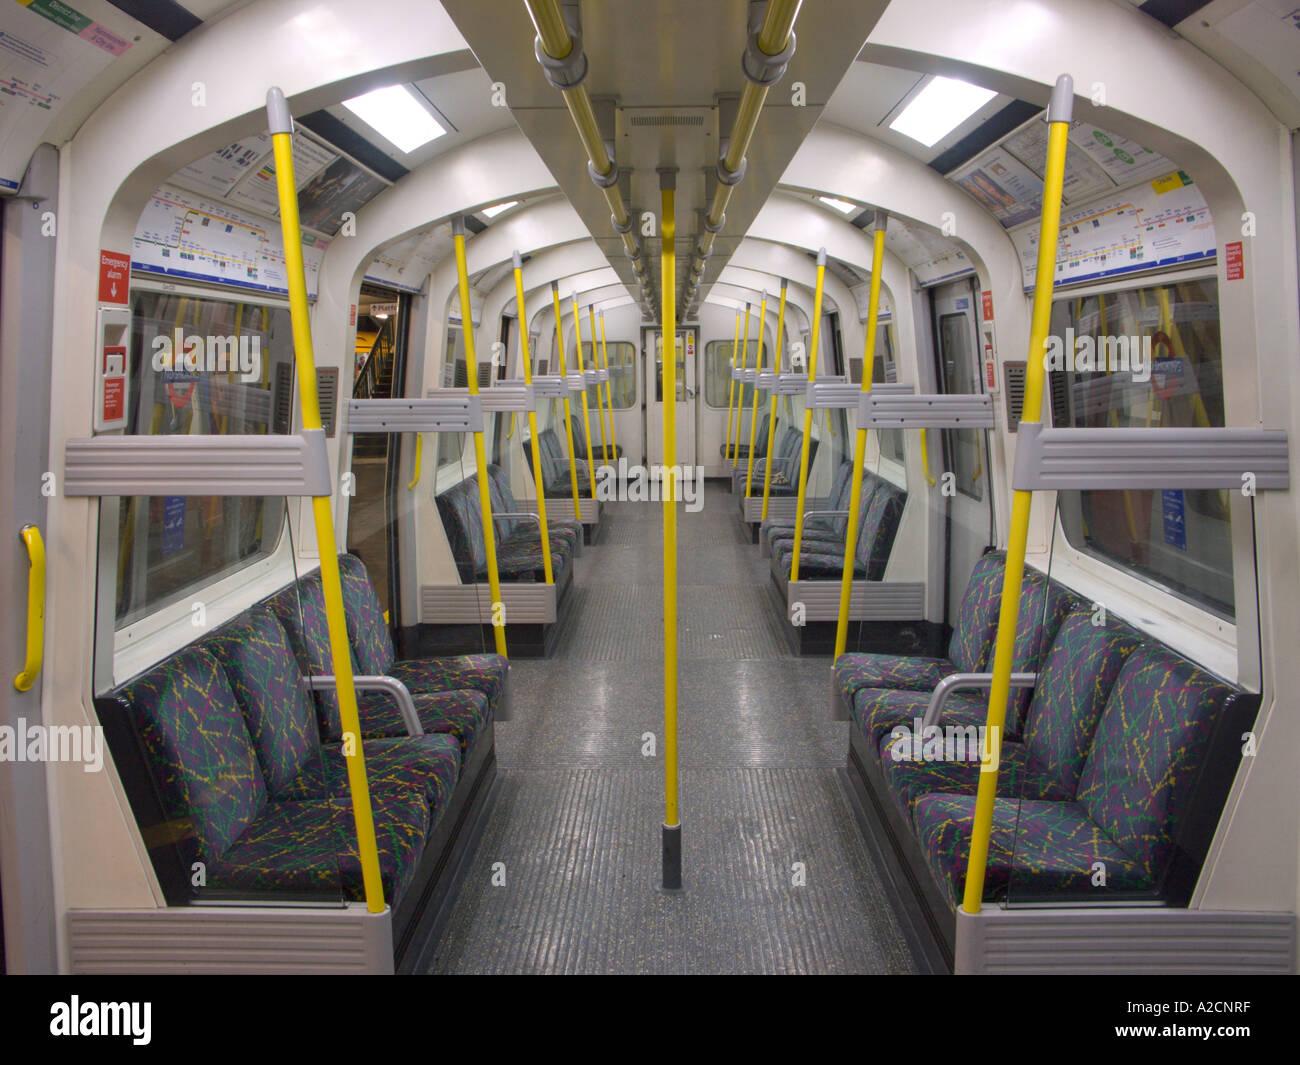 London England Tube - Stock Image